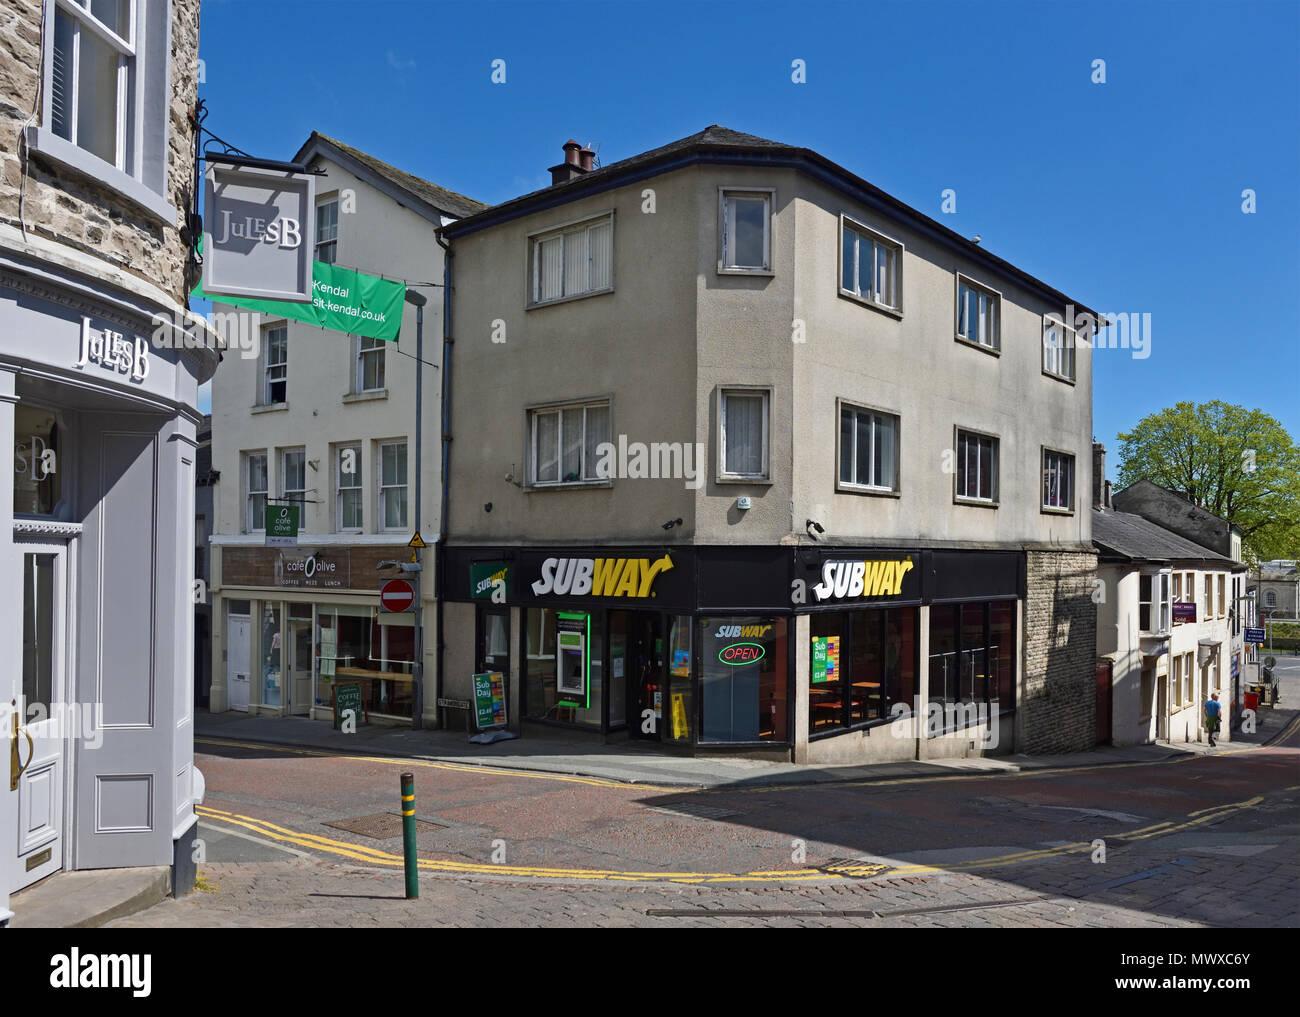 Subway, submarine sandwich store. 1 Stramongate, Kendal, Cumbria, England, United Kingdom, Europe. - Stock Image